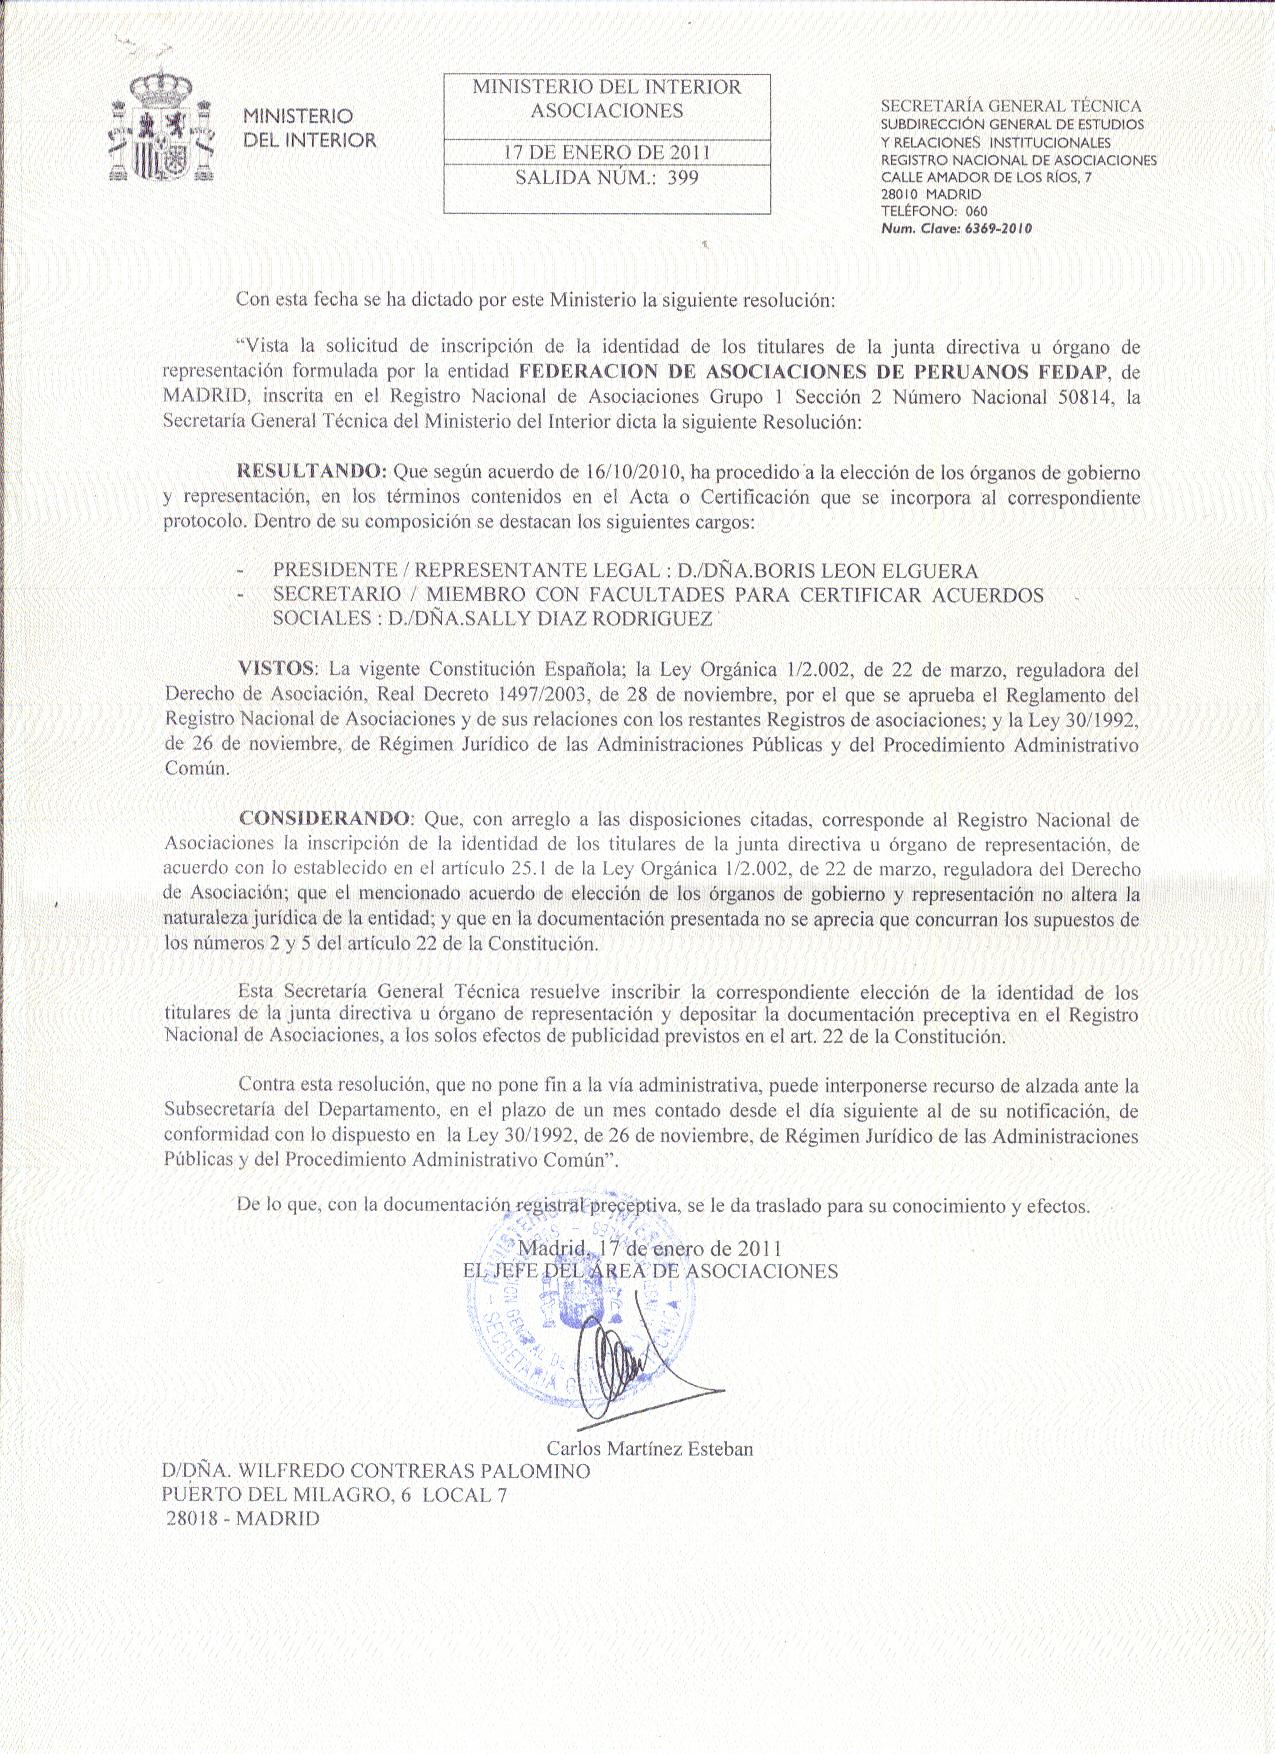 Ministerio del interior reconoce validez de las elecciones for Ministerio del interior espana